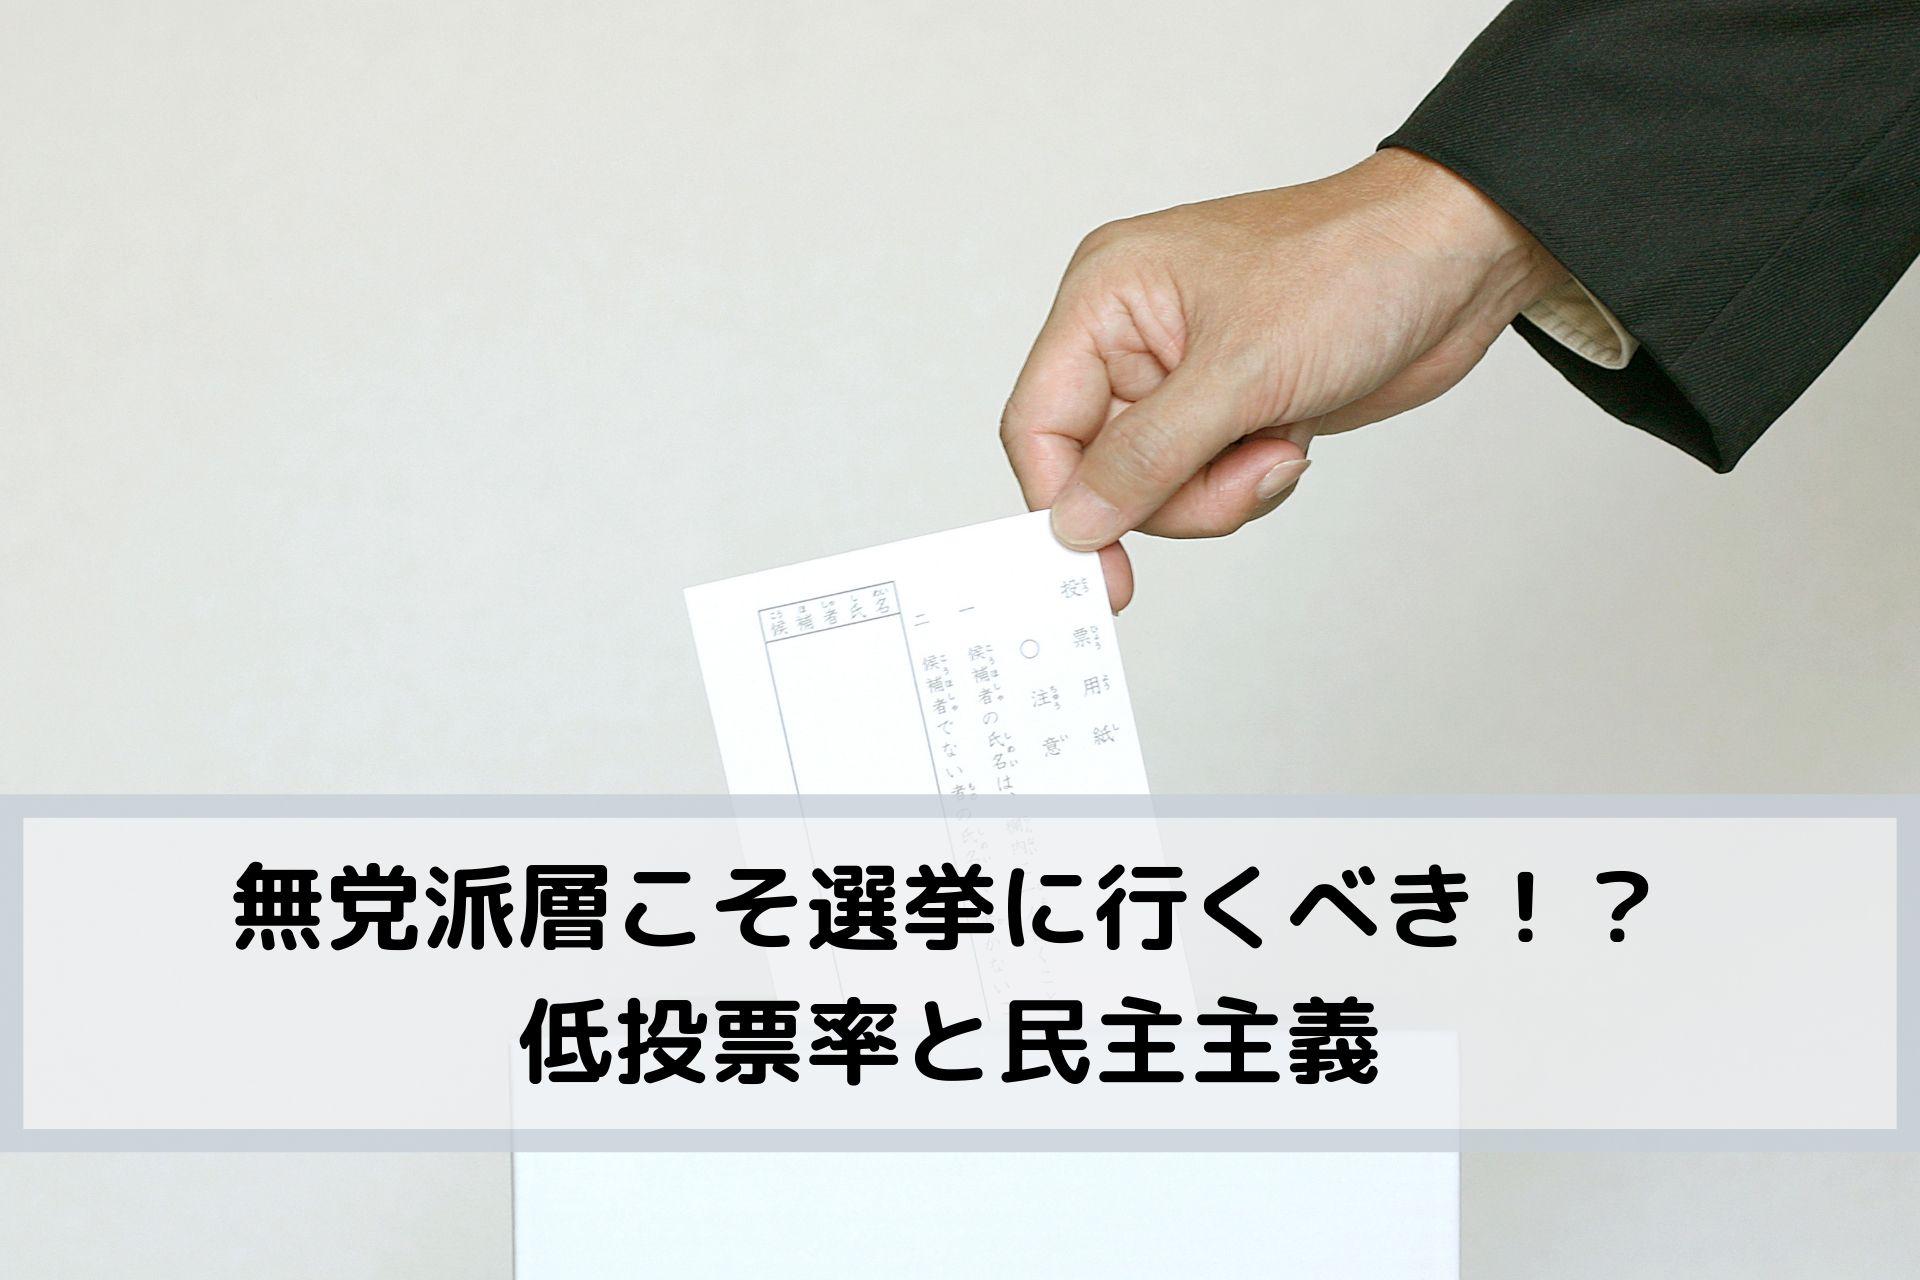 無党派層こそ選挙に行くべき!?低投票率と民主主義